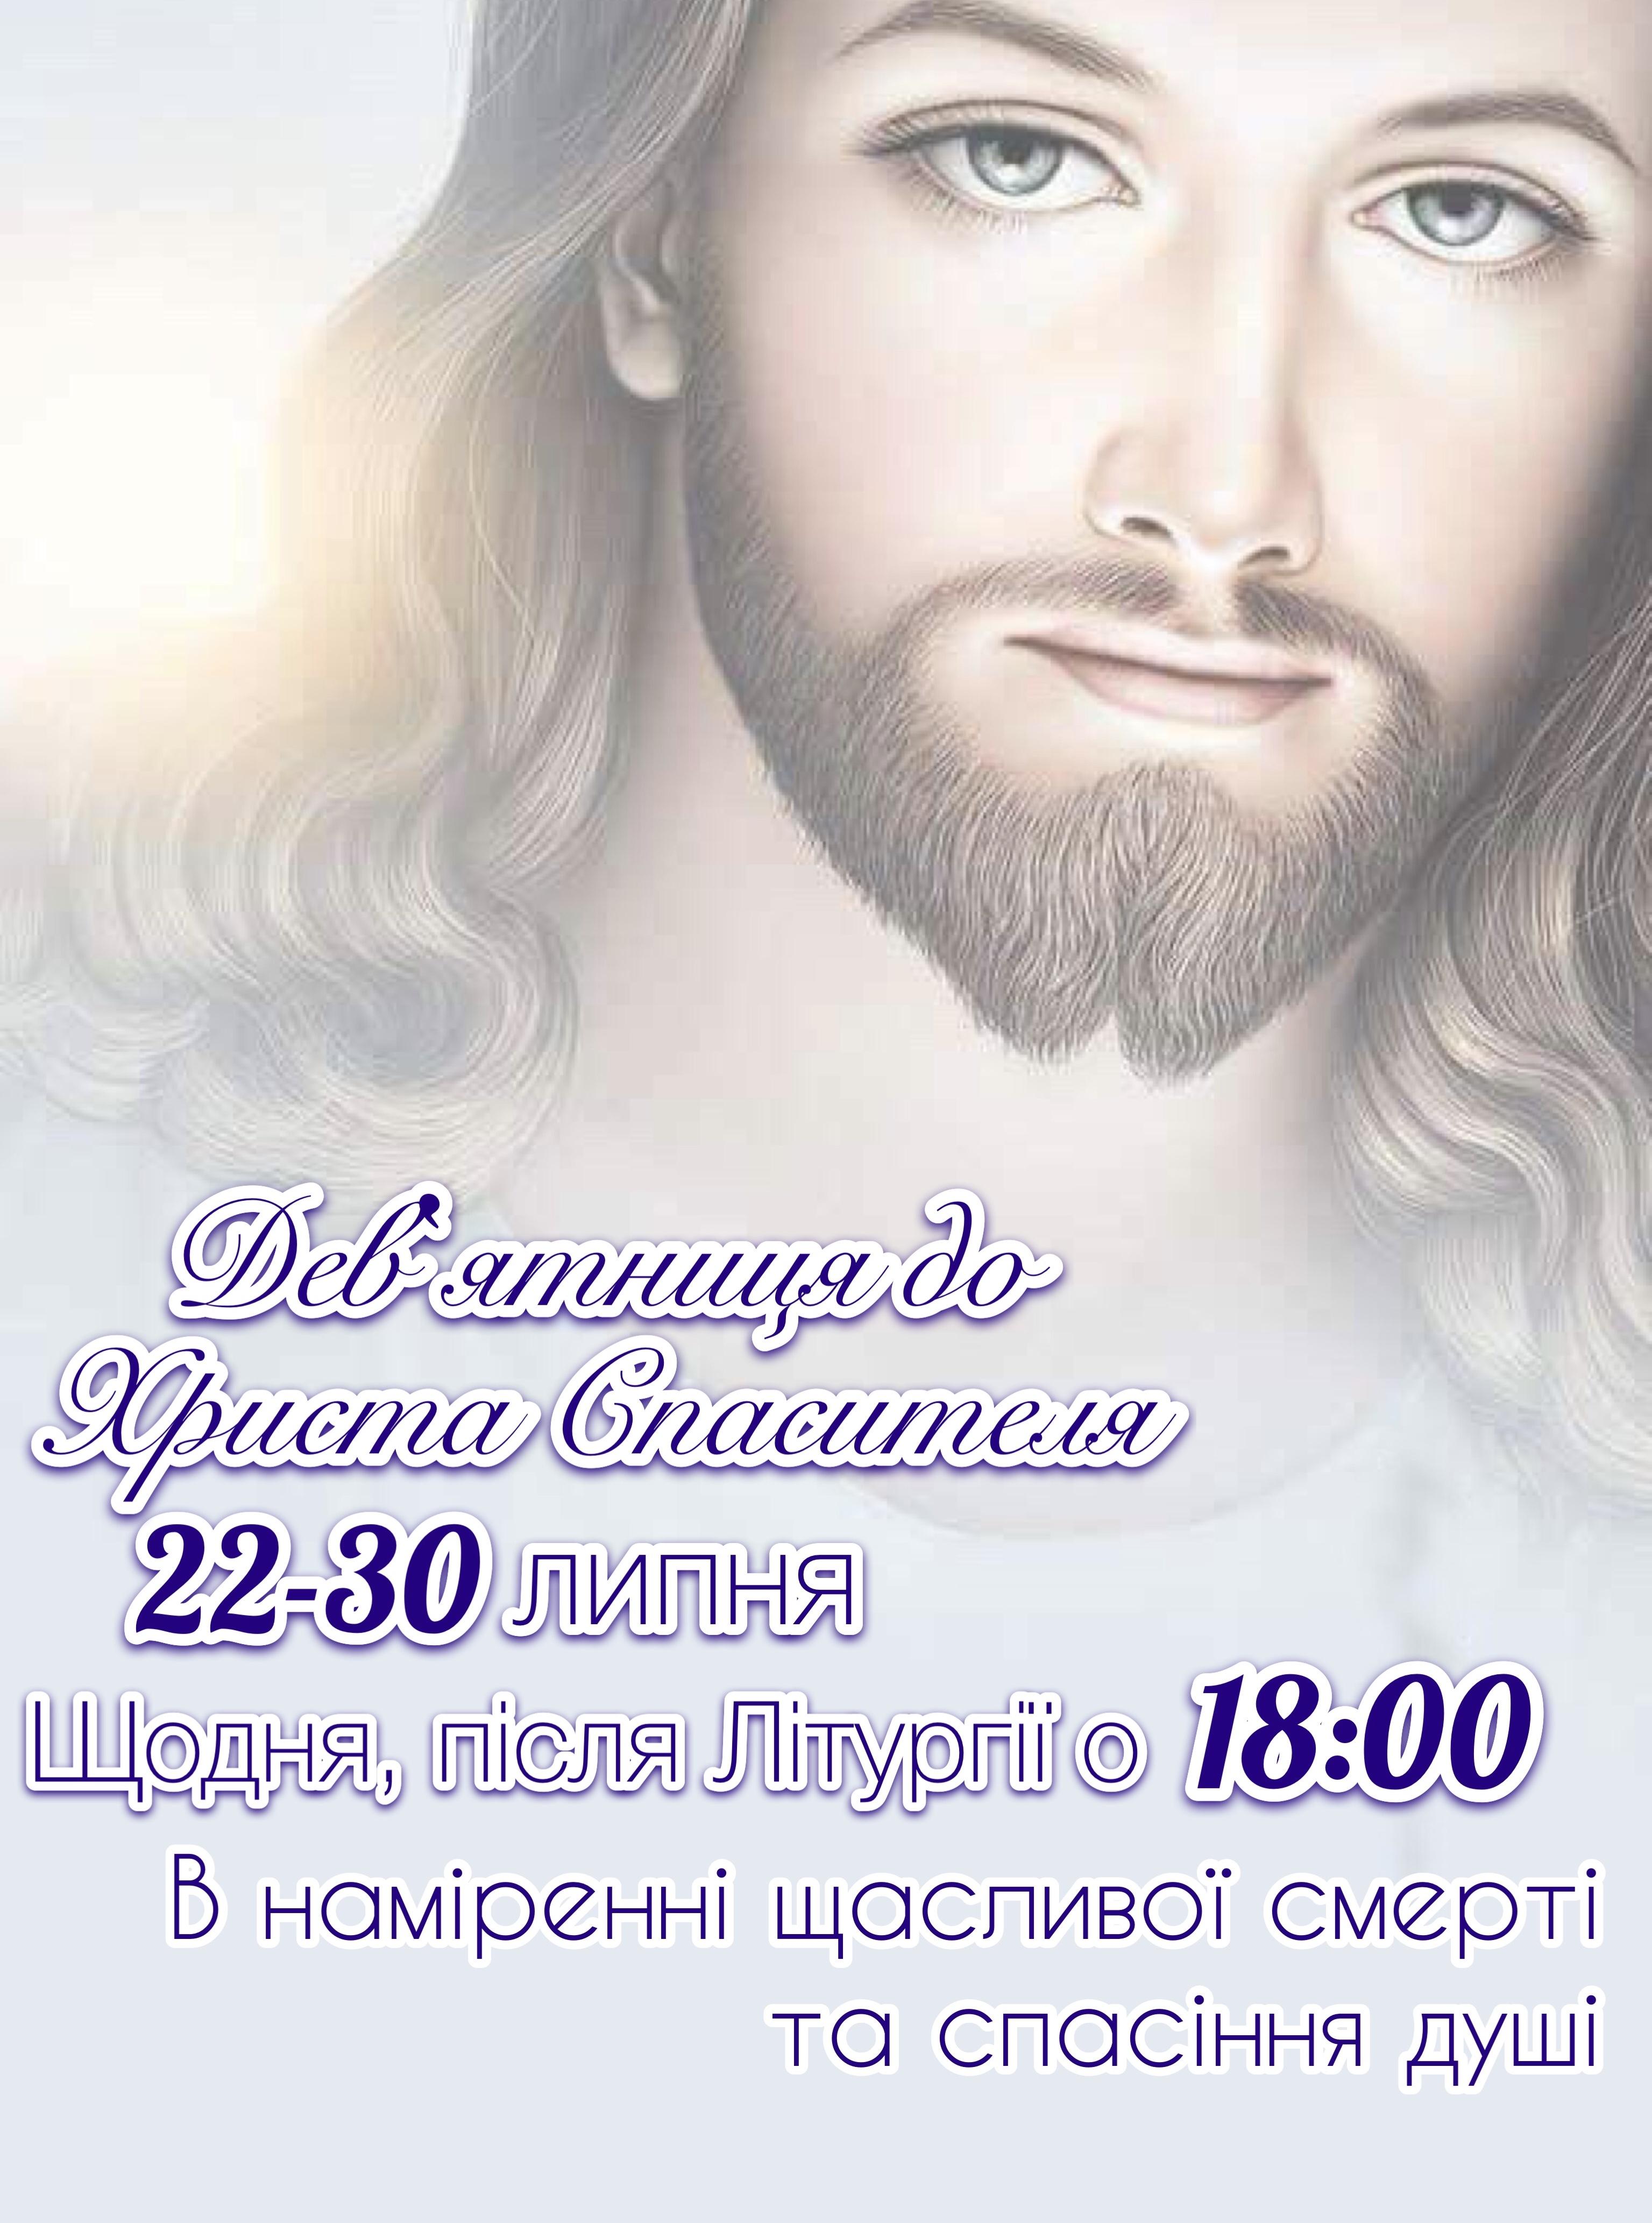 Дев'ятниця до Христа Спасителя